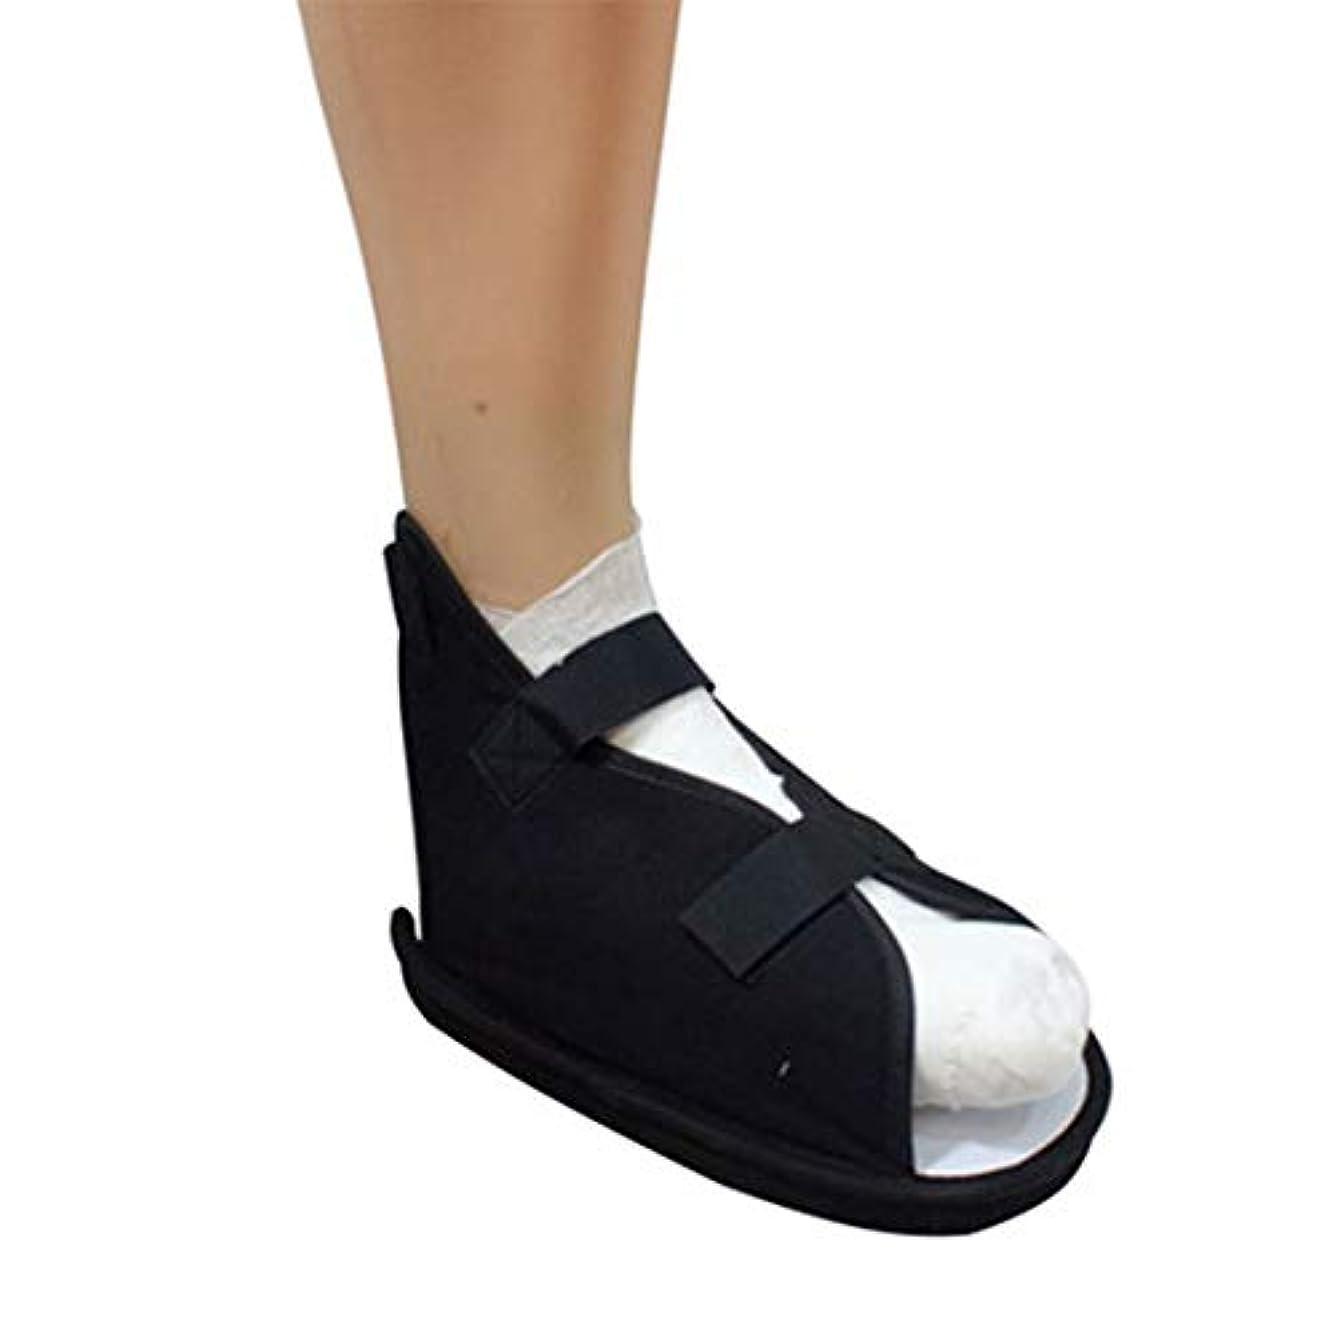 アライメント構成教会医療足骨折石膏の回復靴の手術後のつま先の靴を安定化骨折の靴を調整可能なファスナーで完全なカバー,L30cm